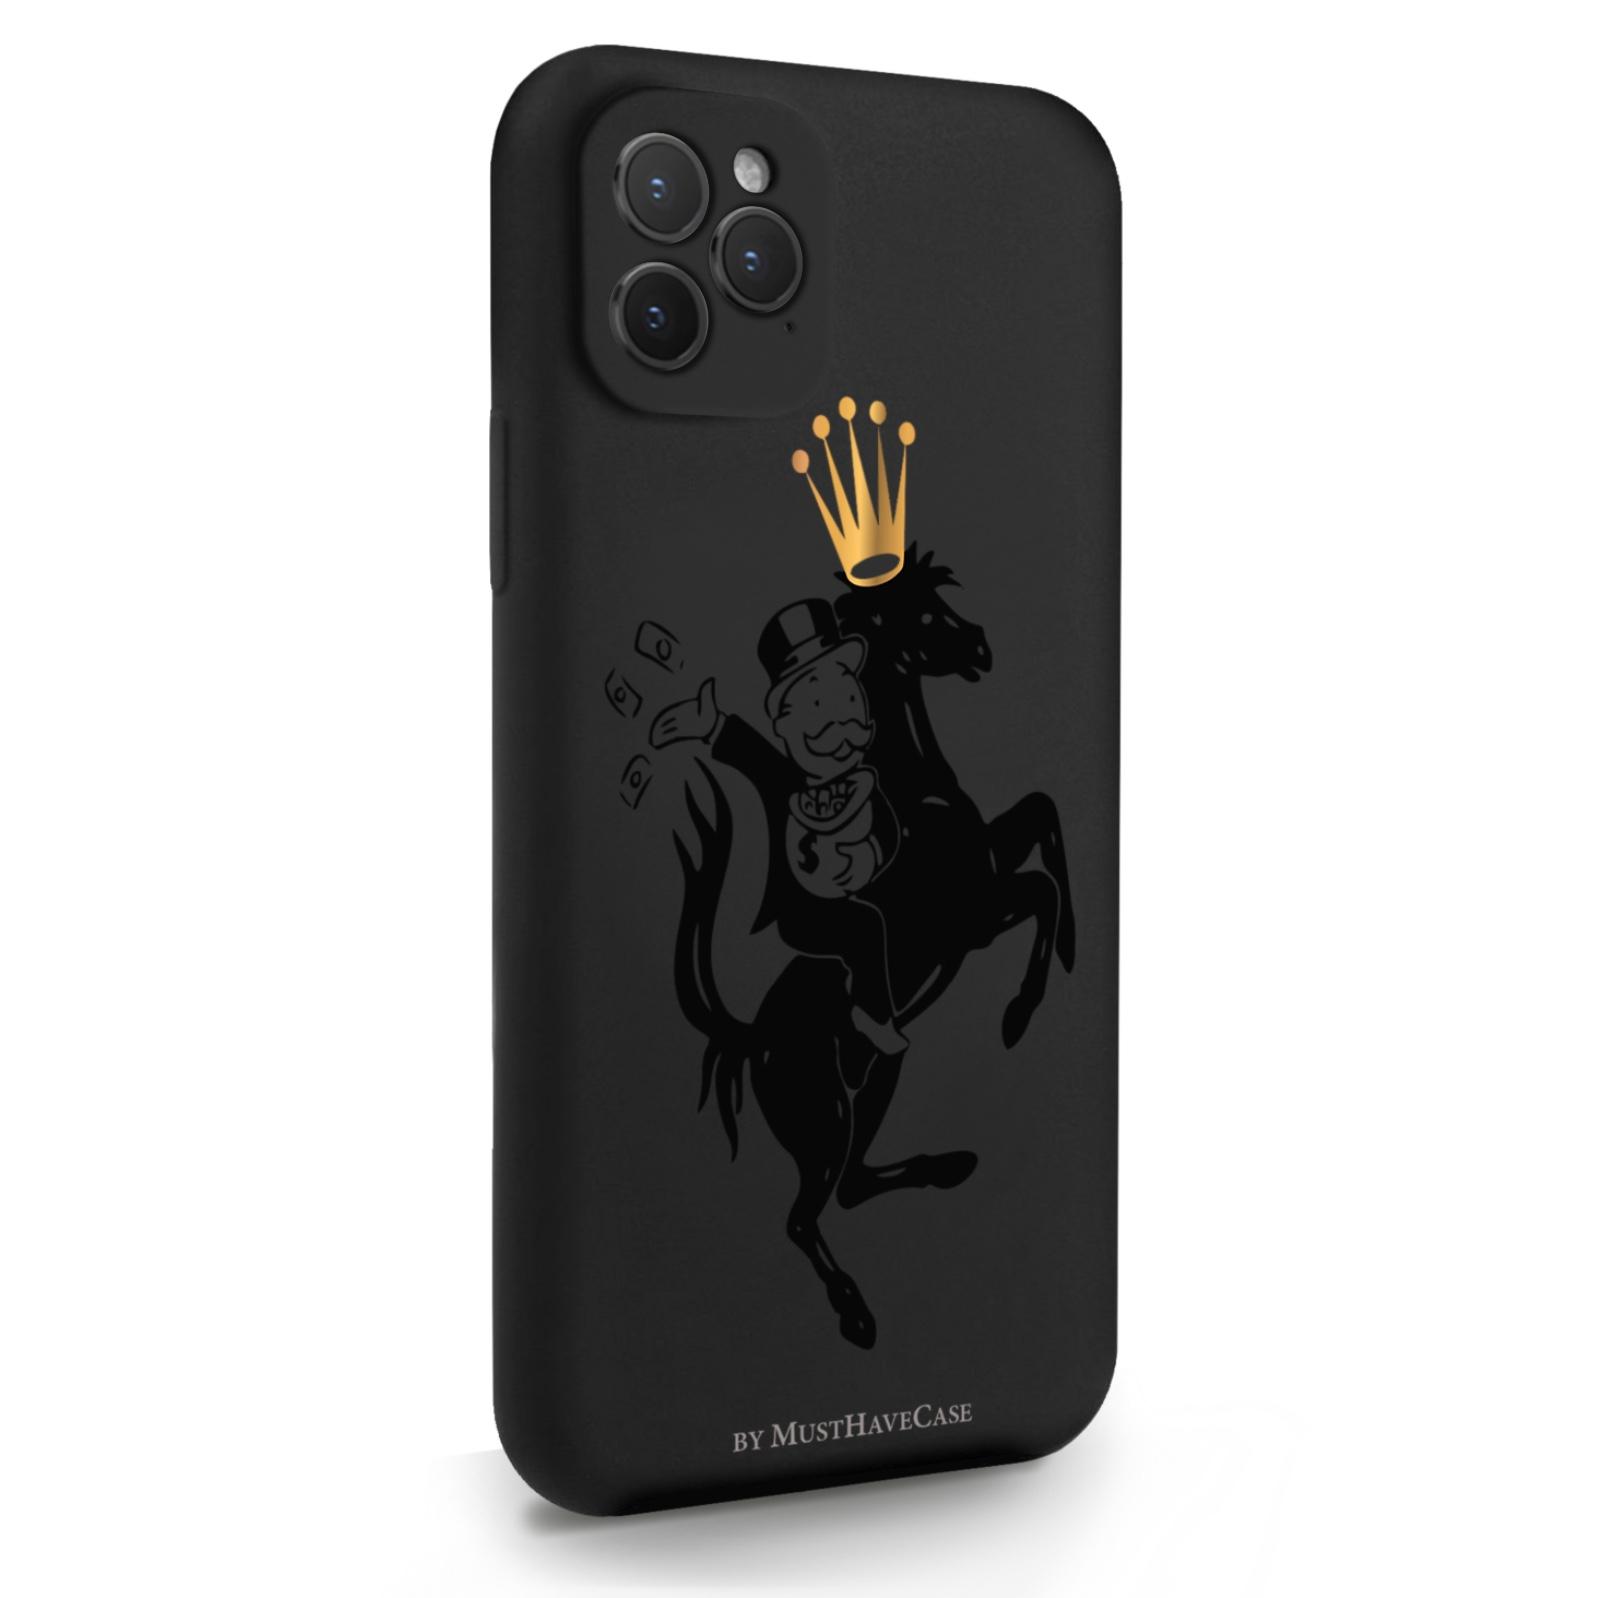 Черный силиконовый чехол для iPhone 11 Pro Monopoly на коне для Айфон 11 Про